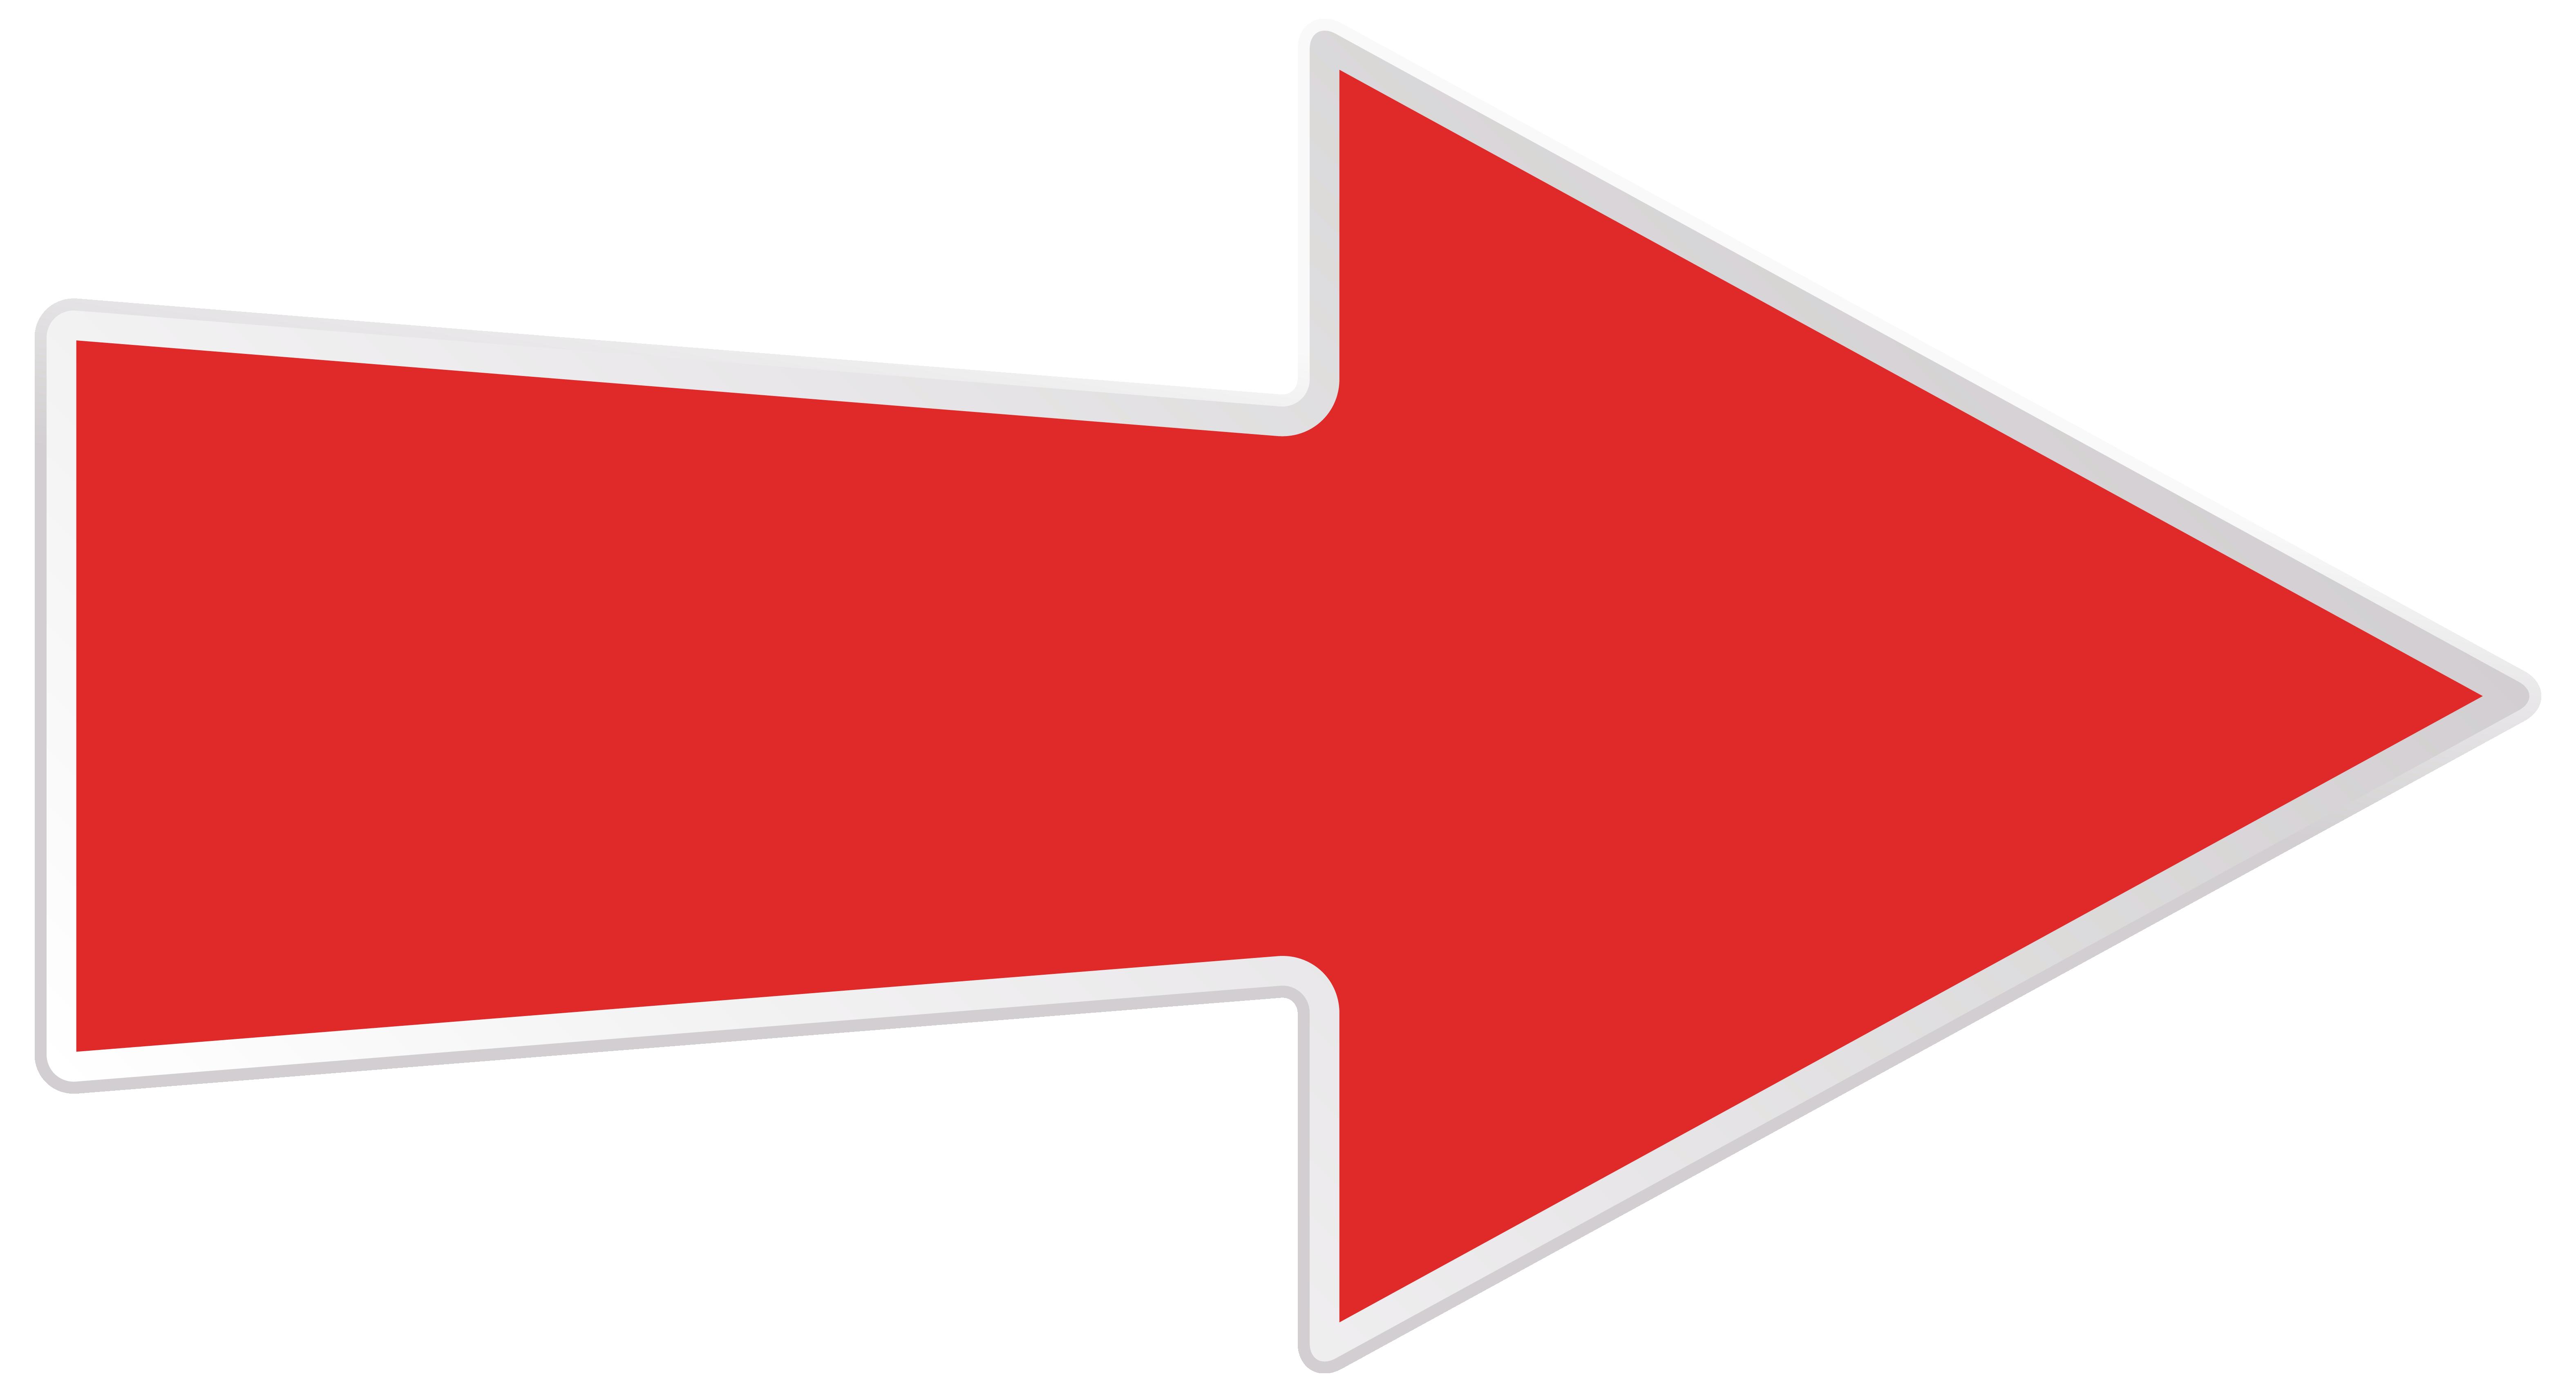 Clipart arrow png transparent image transparent stock Red Right Arrow Transparent PNG Clip Art Image image transparent stock